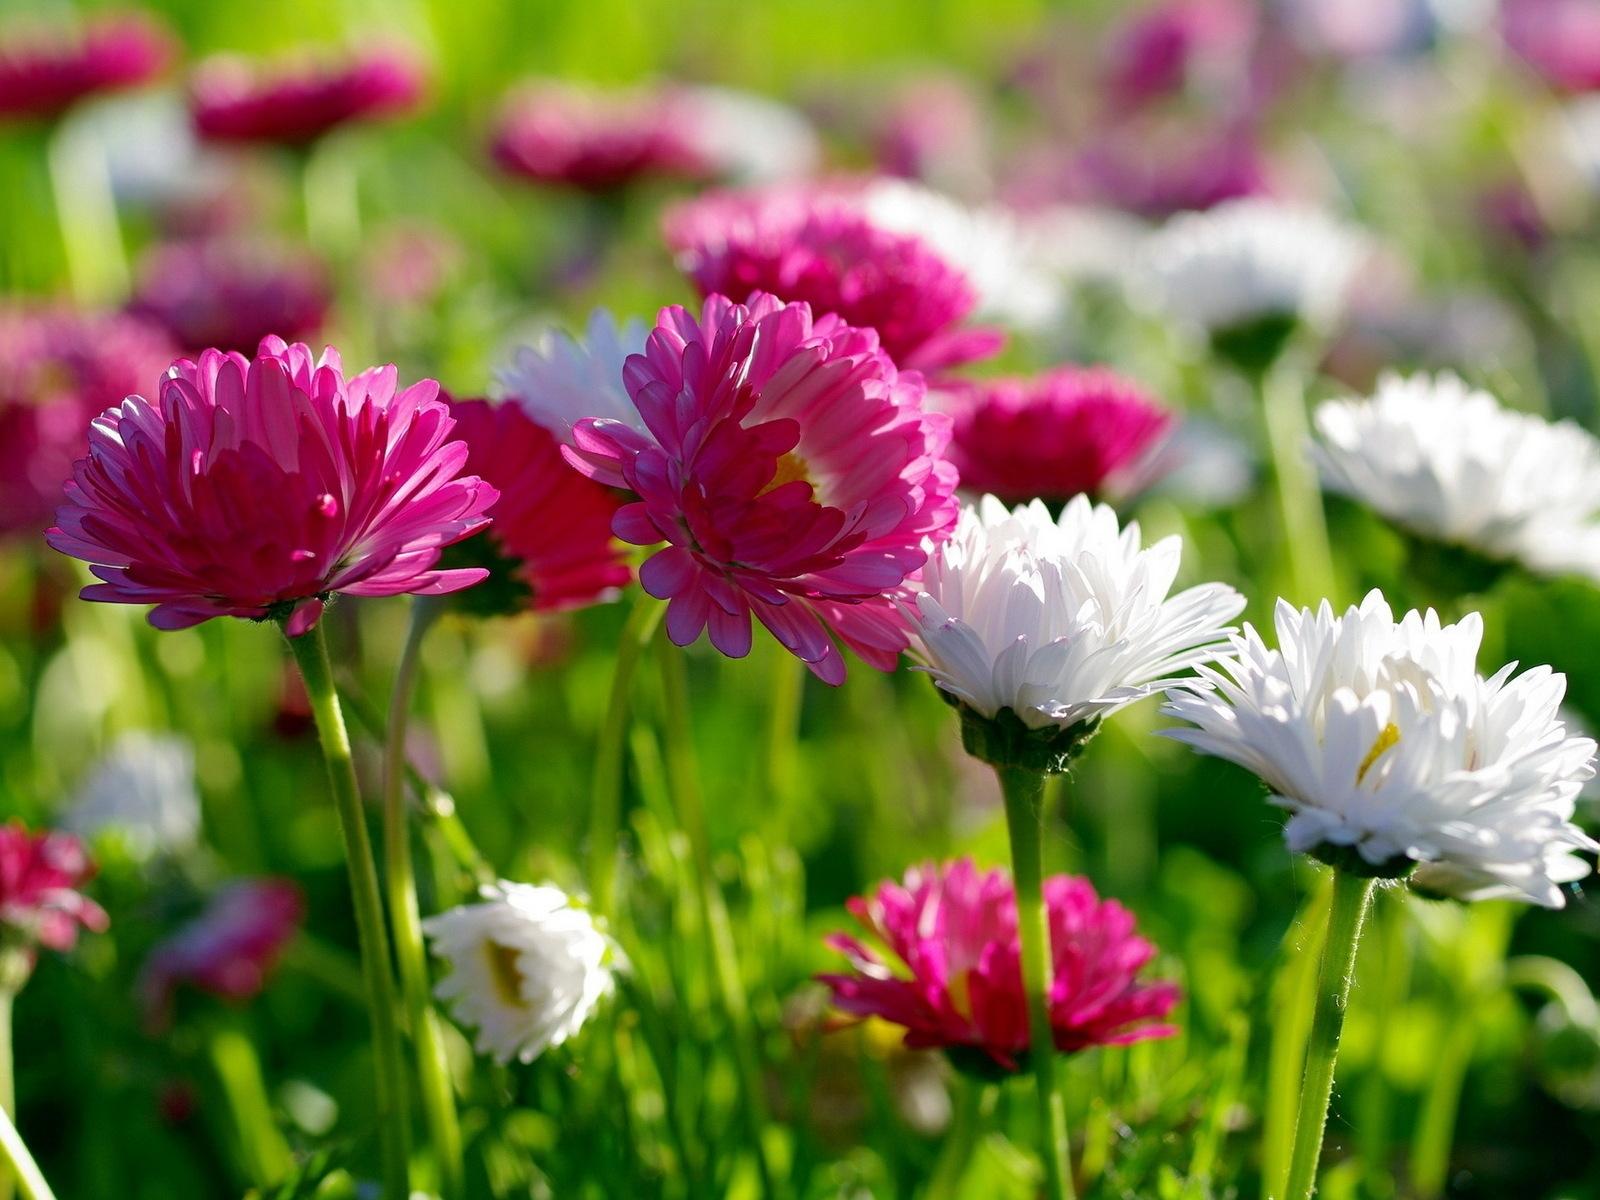 BANCO DE IMÁGENES: 12 fotos de flores preciosas en varios